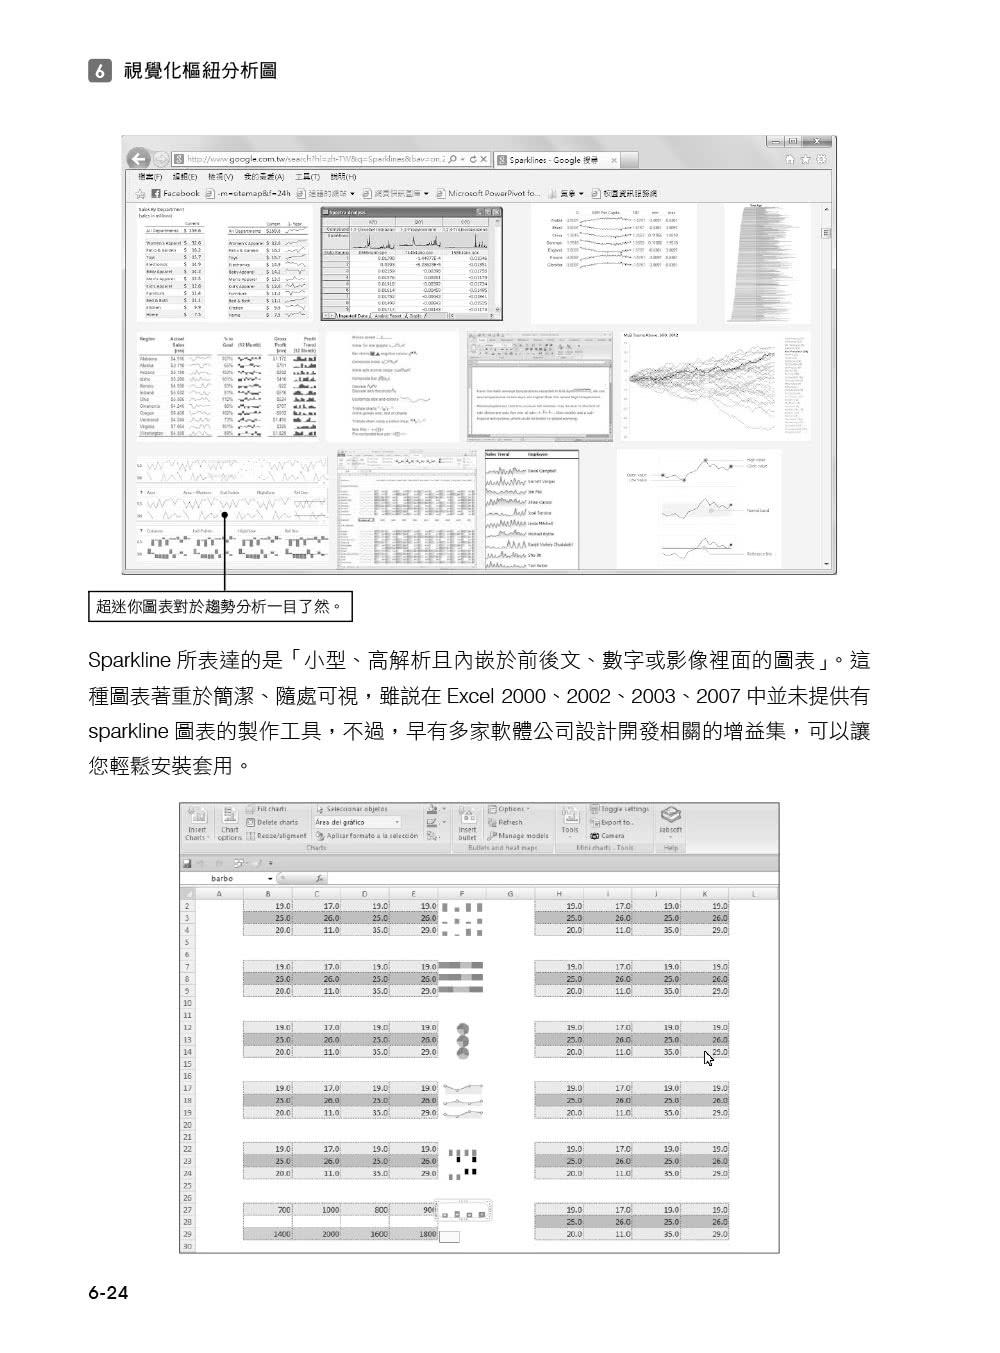 Excel商業智慧分析|樞紐分析X大數據分析工具PowerPivot及PowerView(適用Office365/2013/2